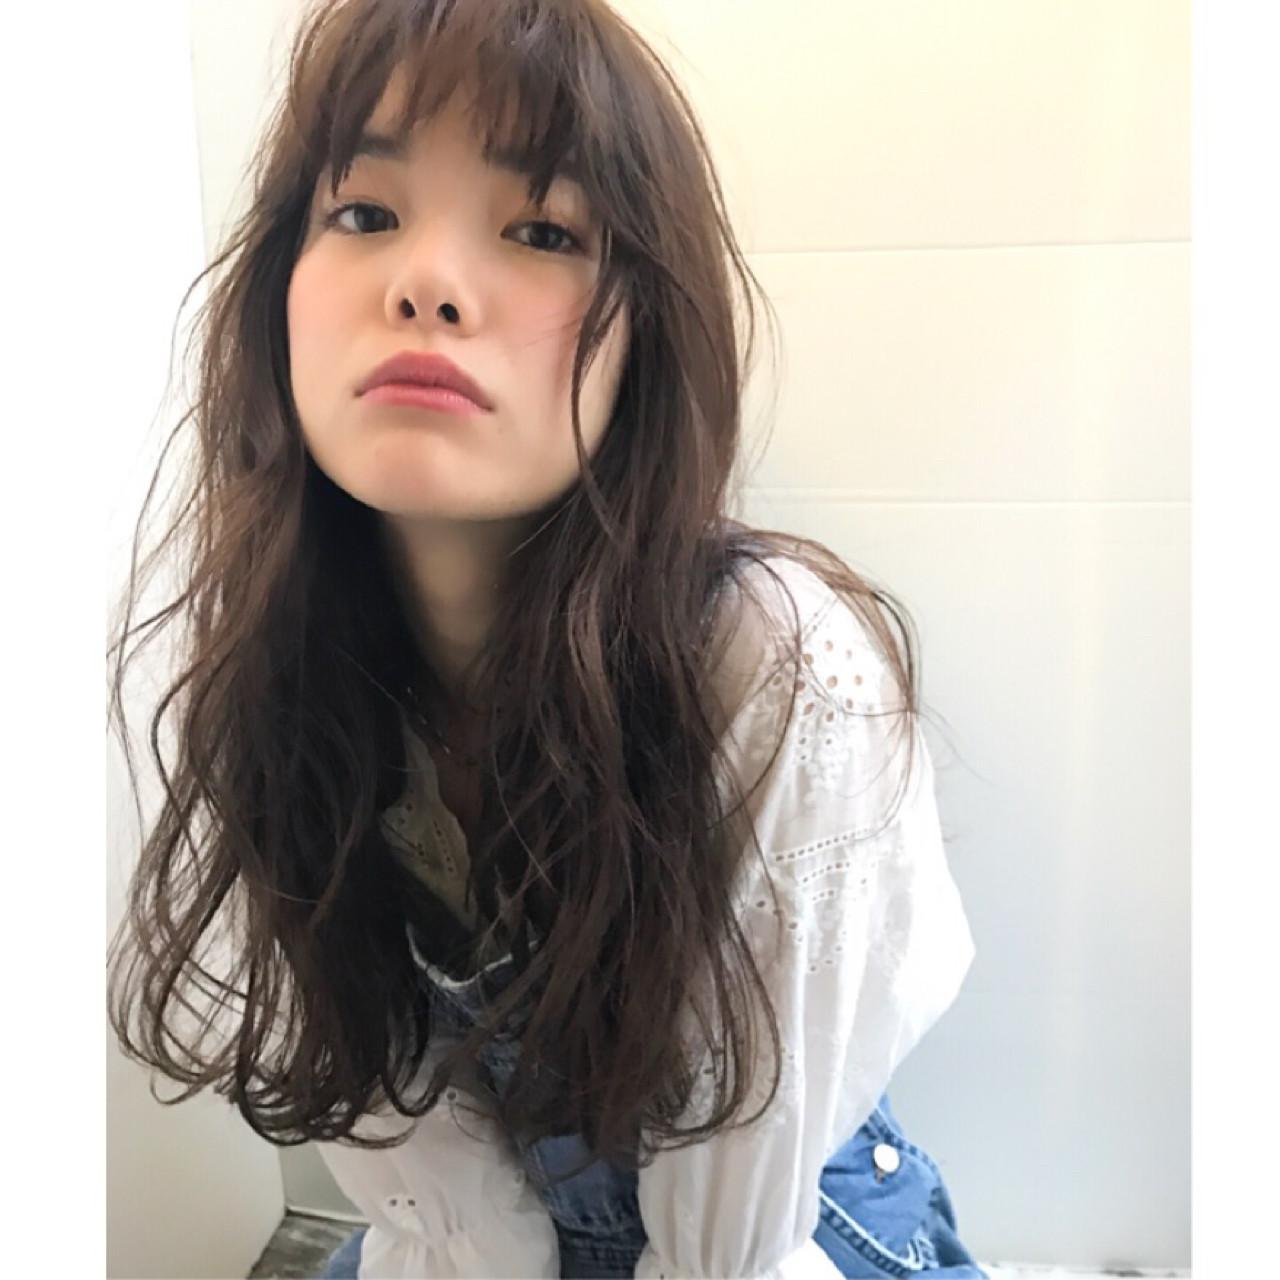 揺れるカールがモテポイント♡おすすめモテパーマスタイル一挙大公開! 斎藤 菜穂